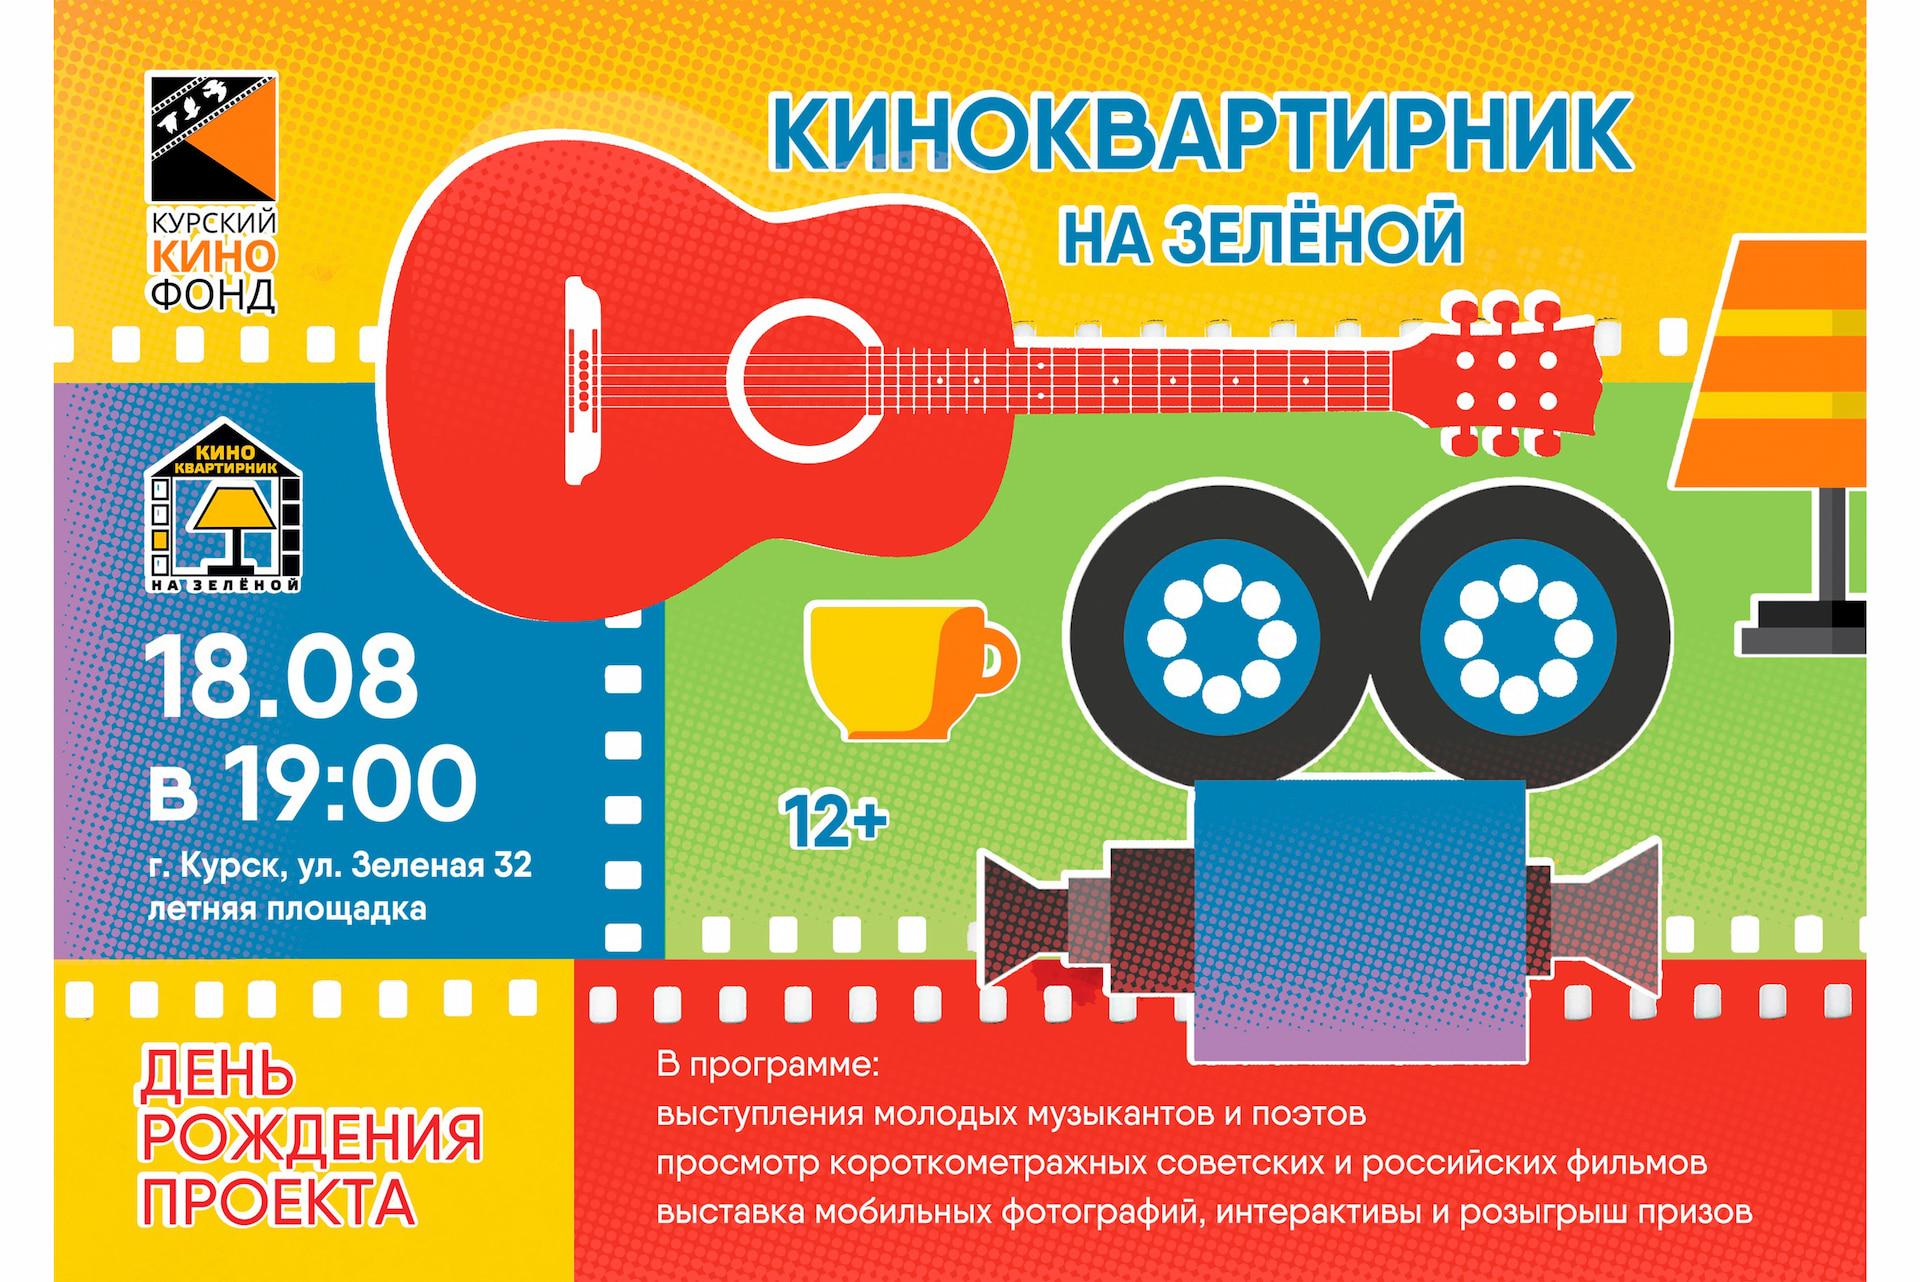 День рождения проекта «Киноквартирник на Зеленой»